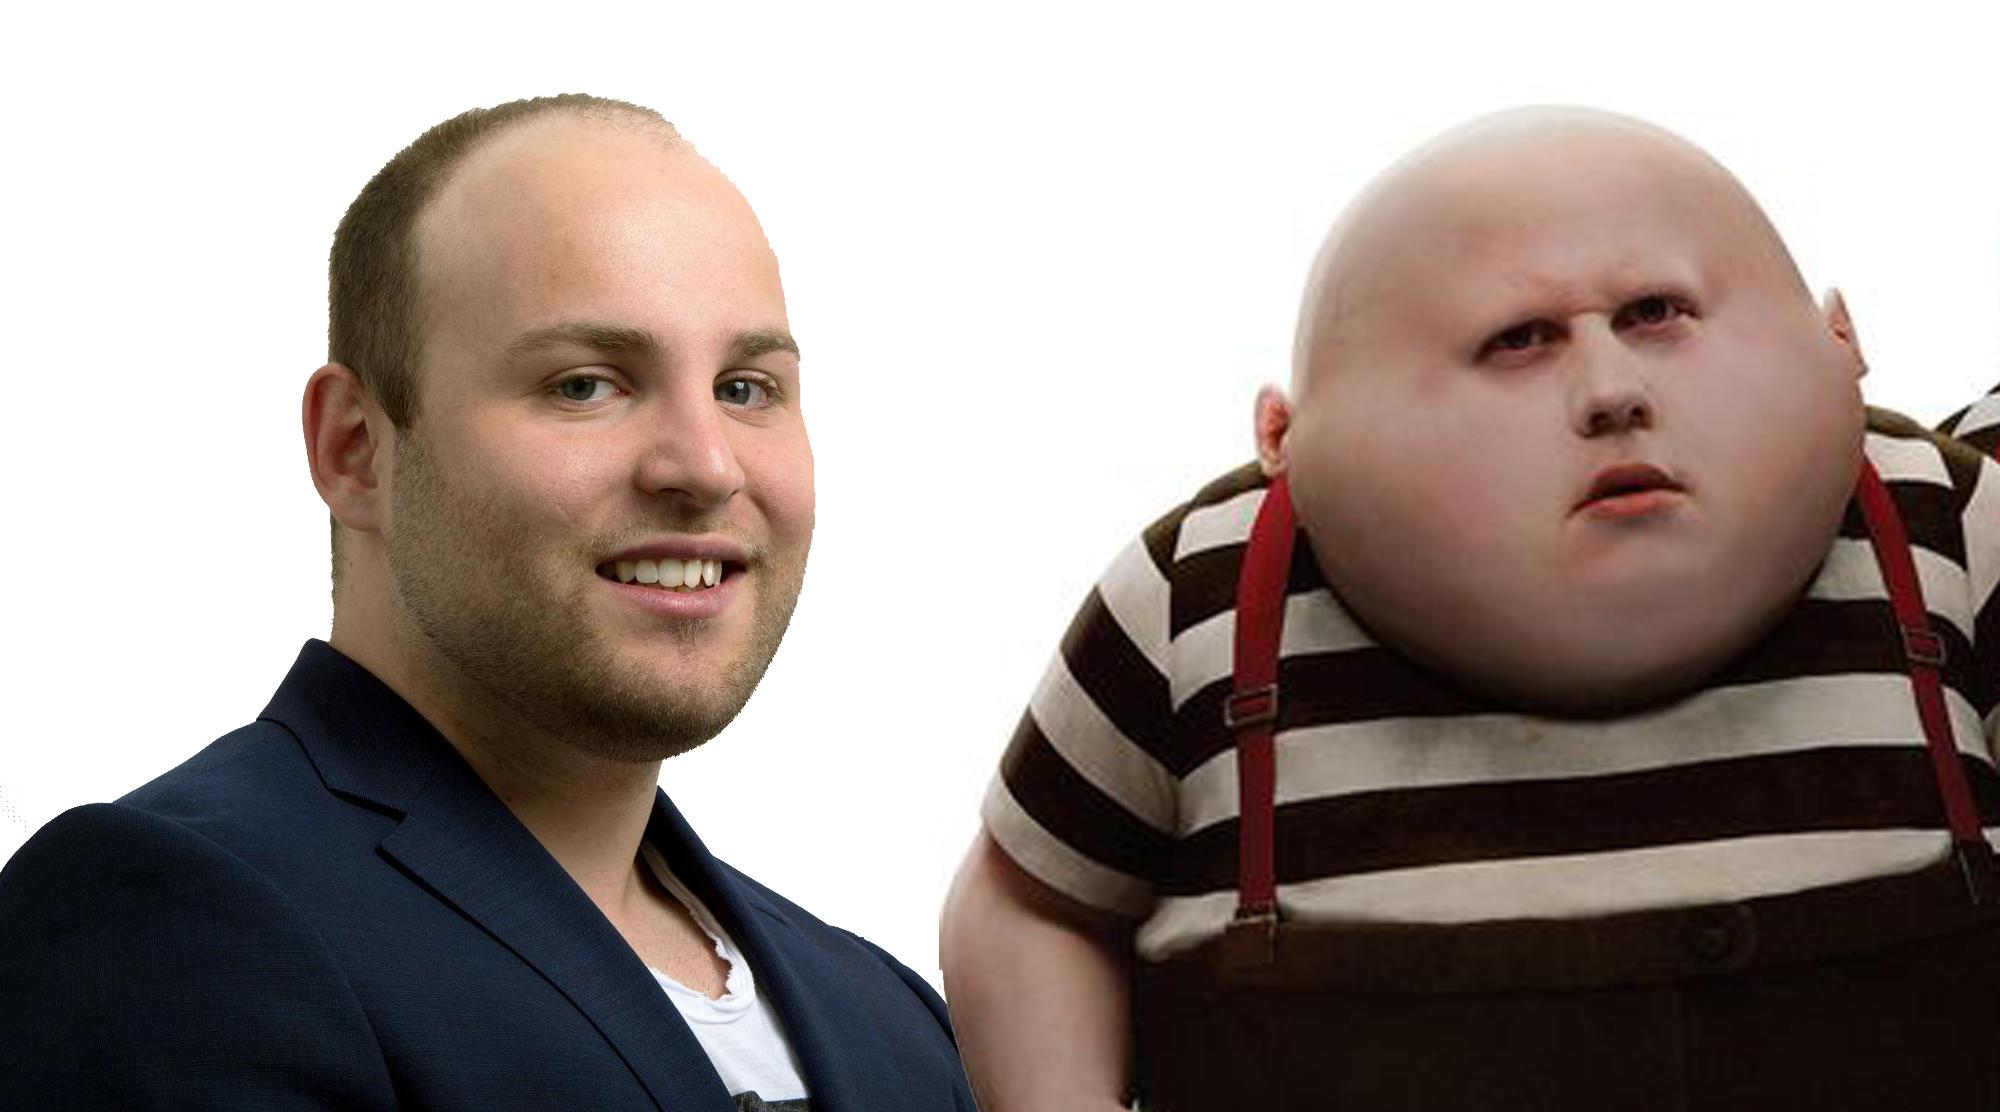 Markus Frohnmaier ist Tweedledum oder Tweedledee?